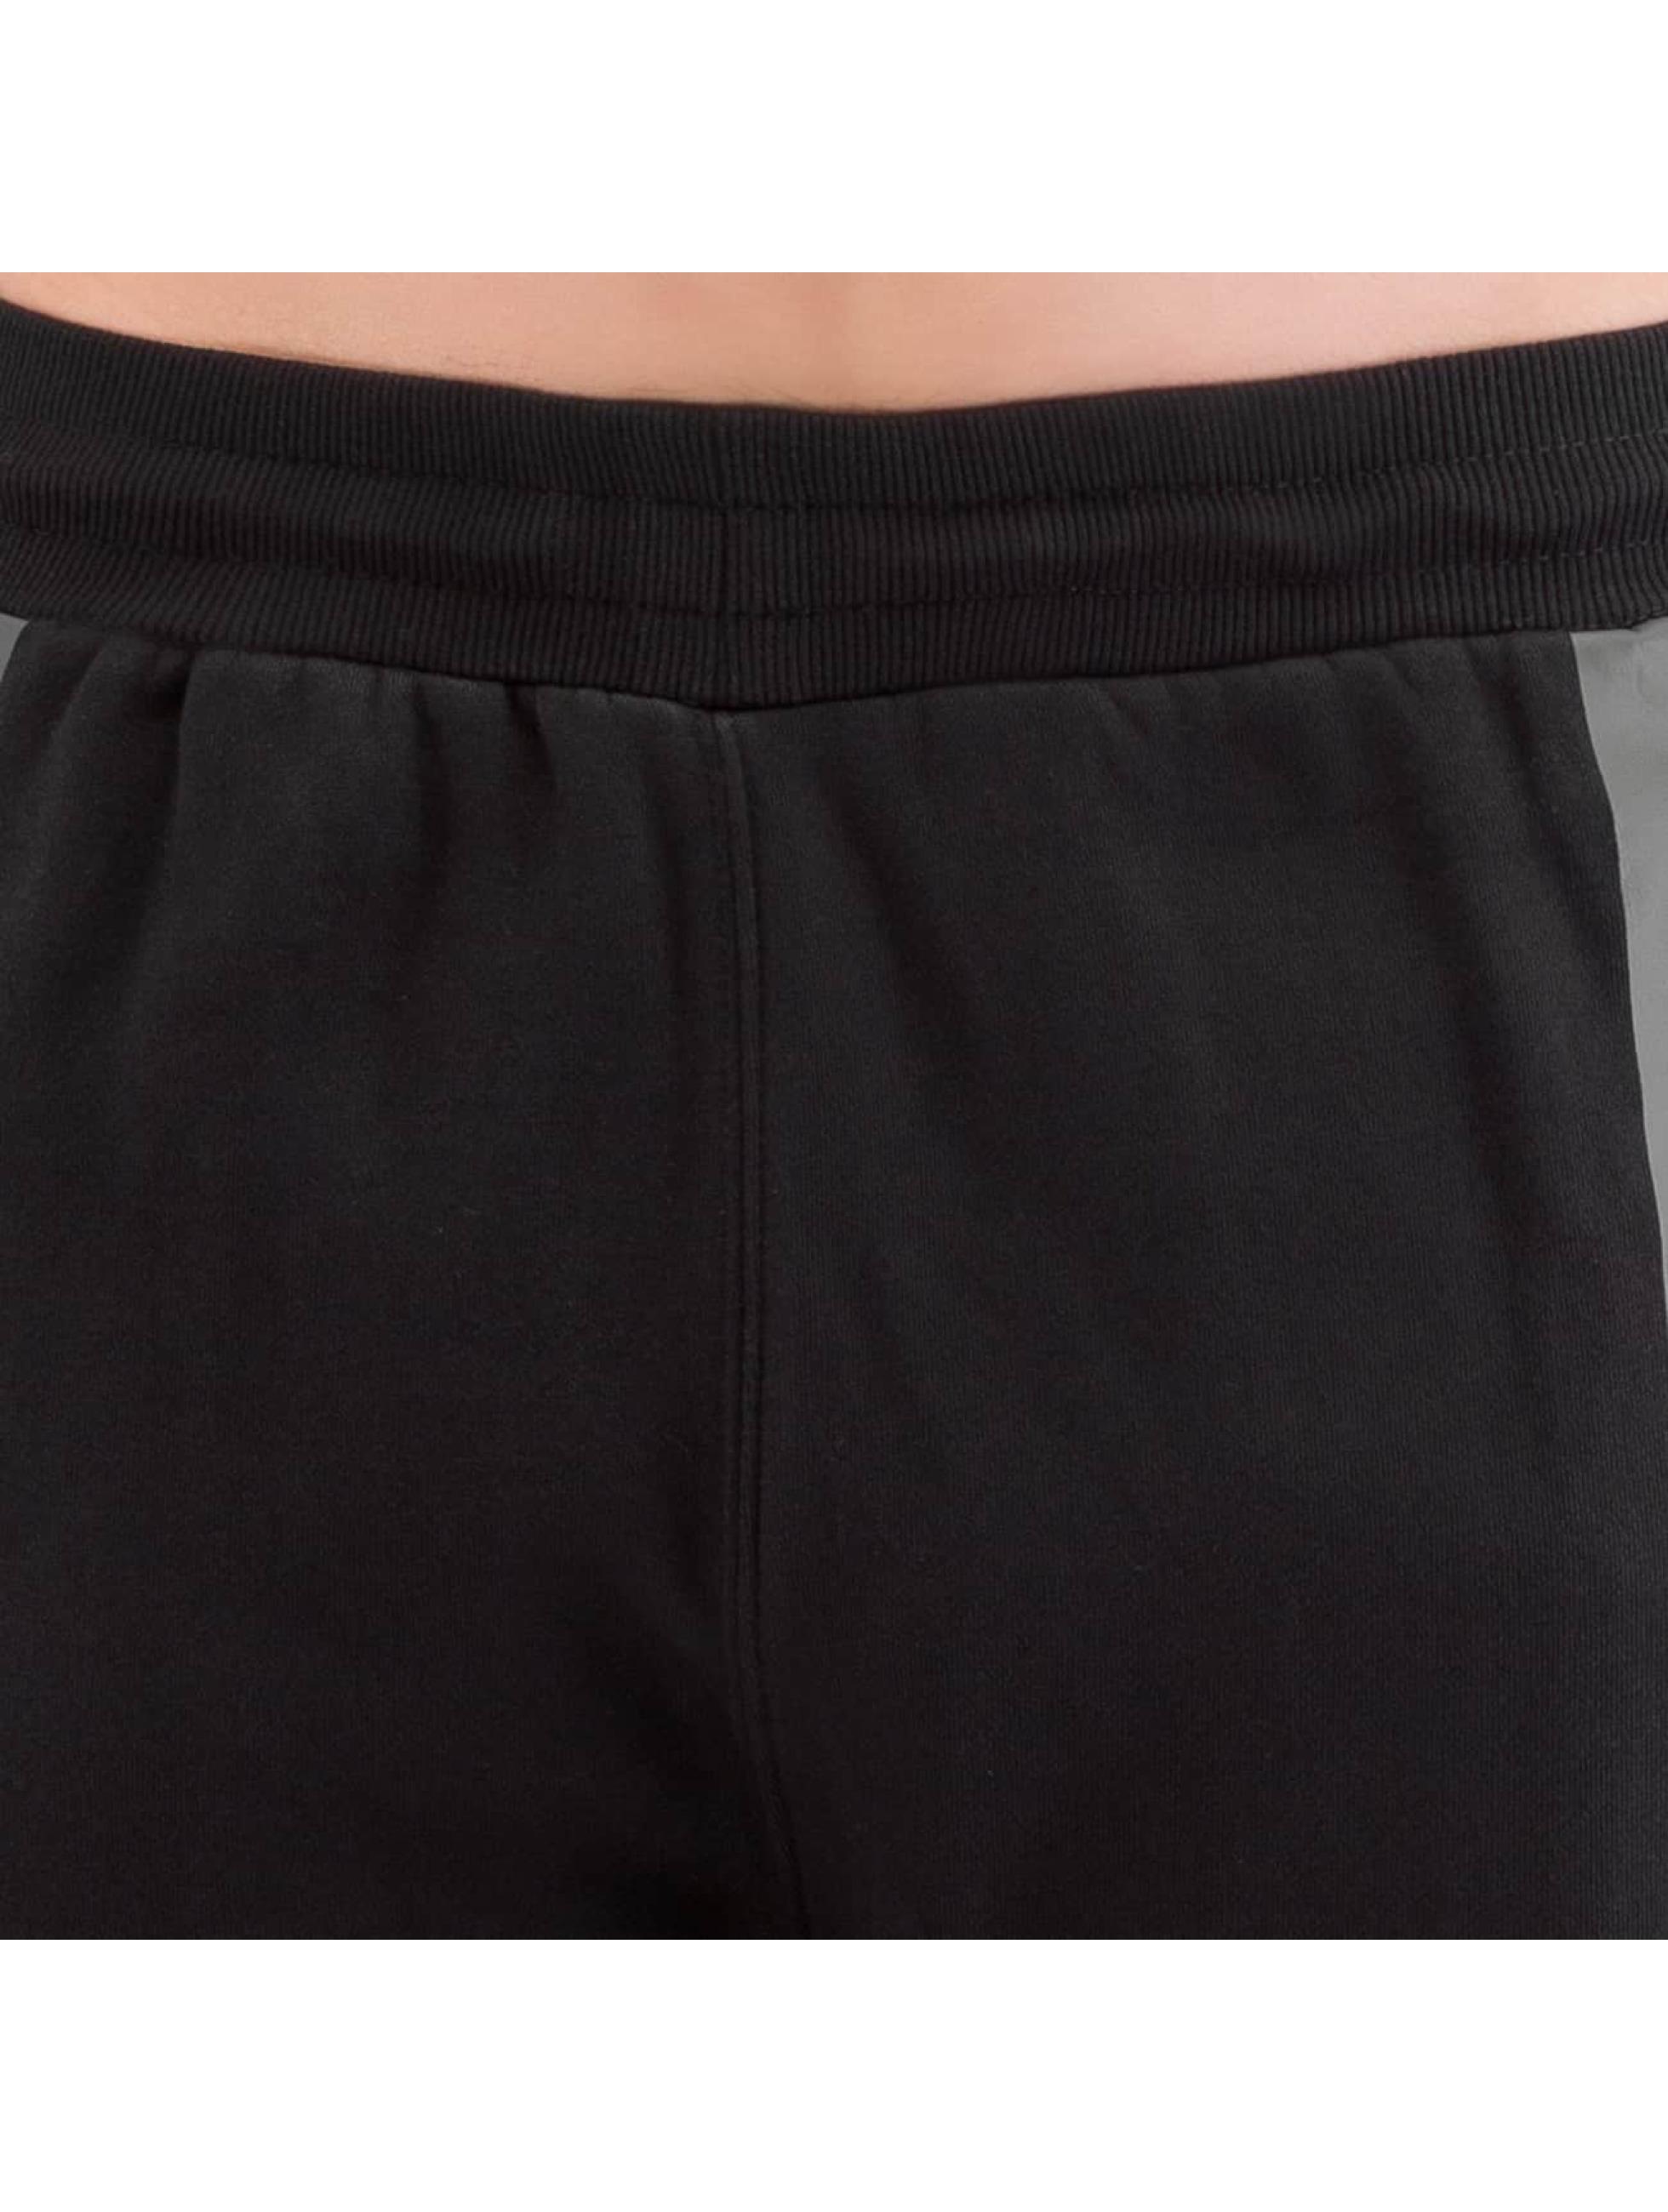 CHABOS IIVII Jogginghose C-IIVII schwarz